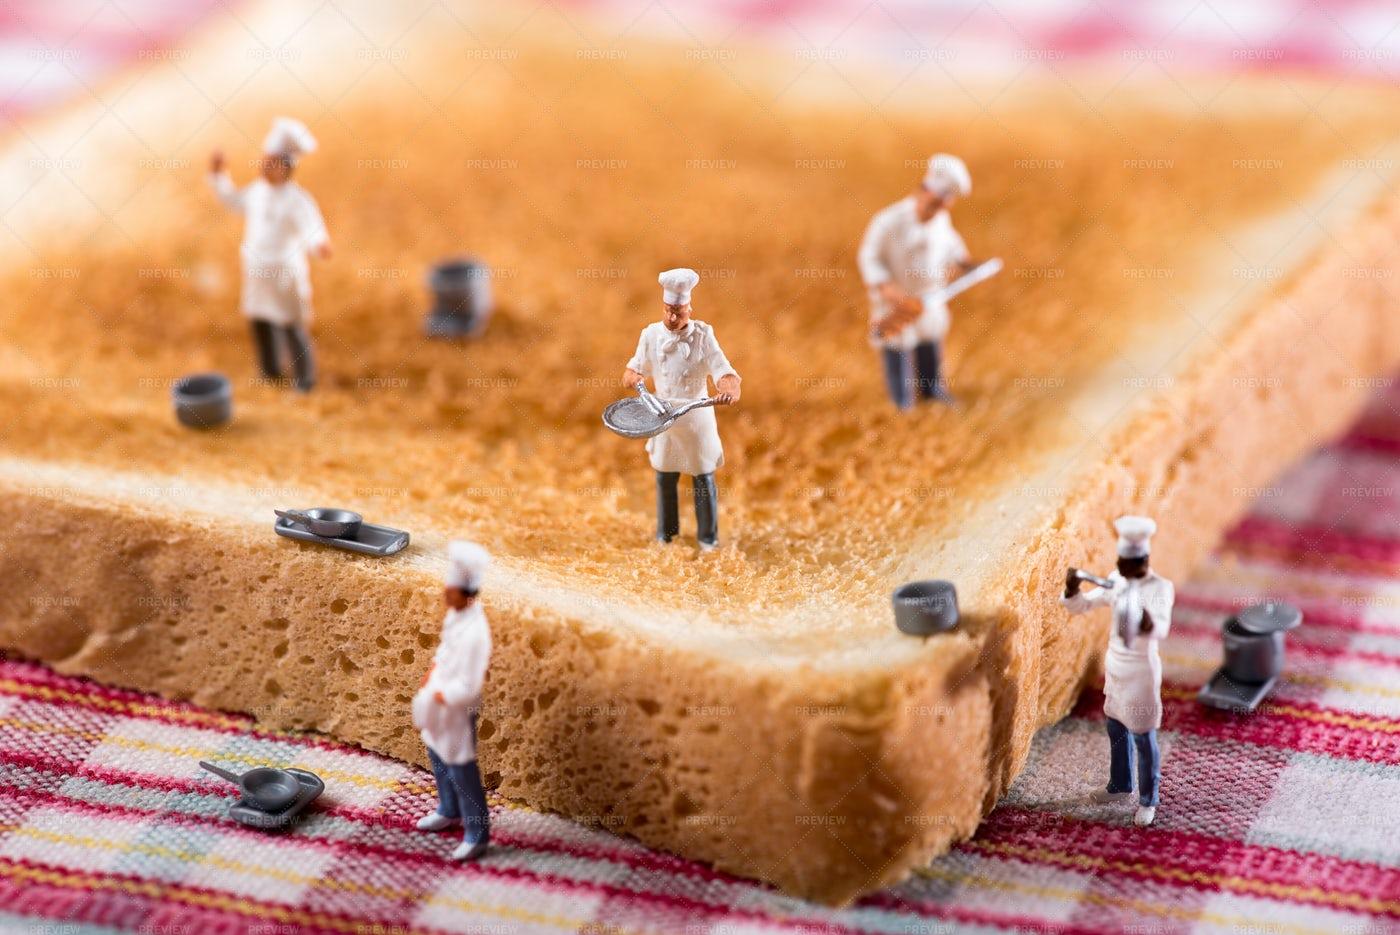 Chefs On A Toast: Stock Photos